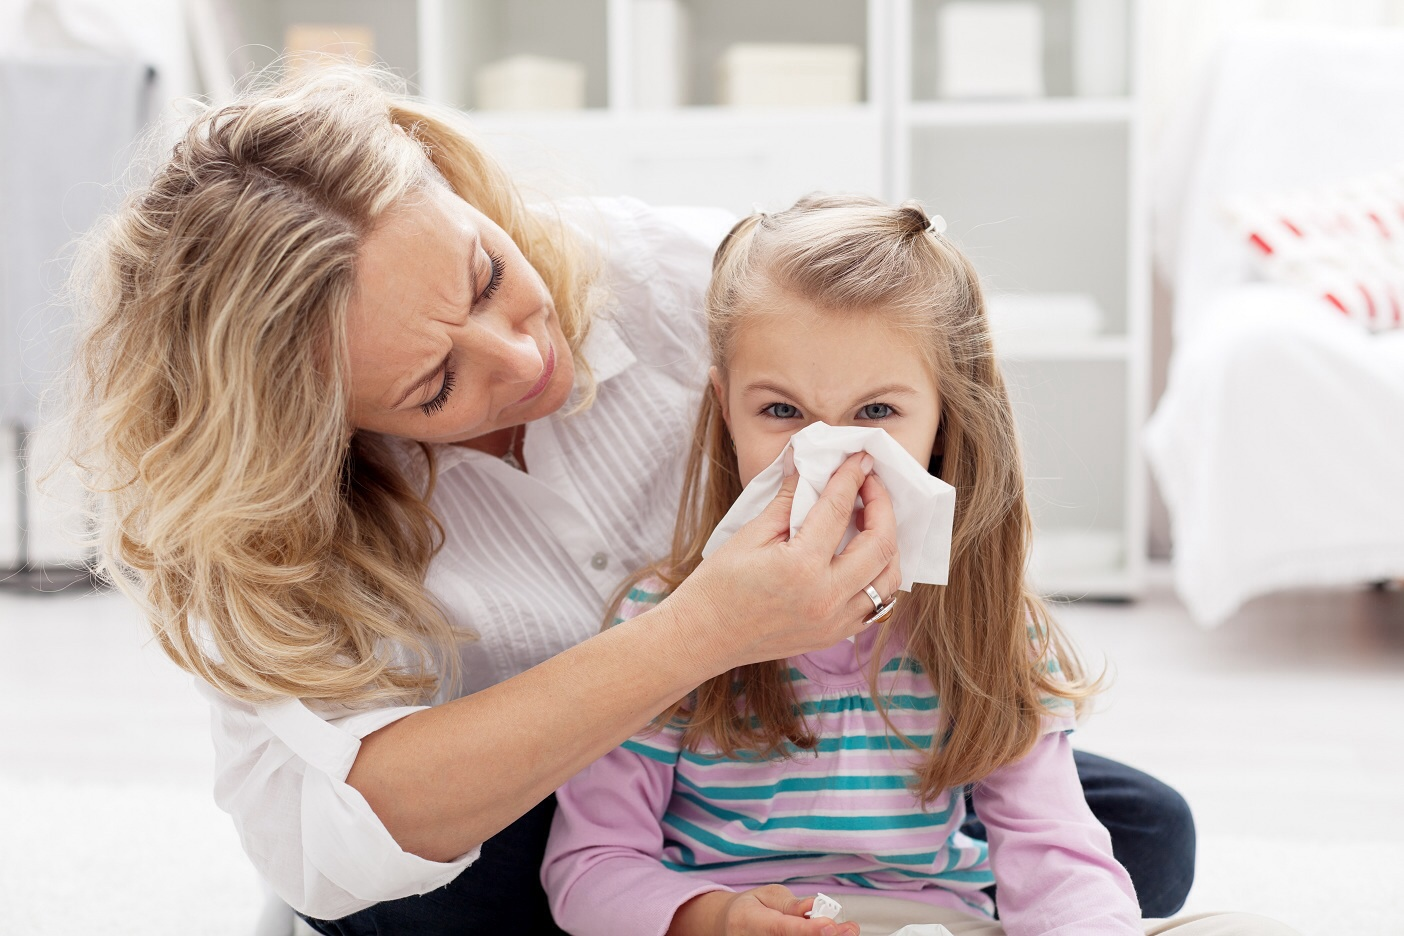 дитина часто хворіє в диитячому садку